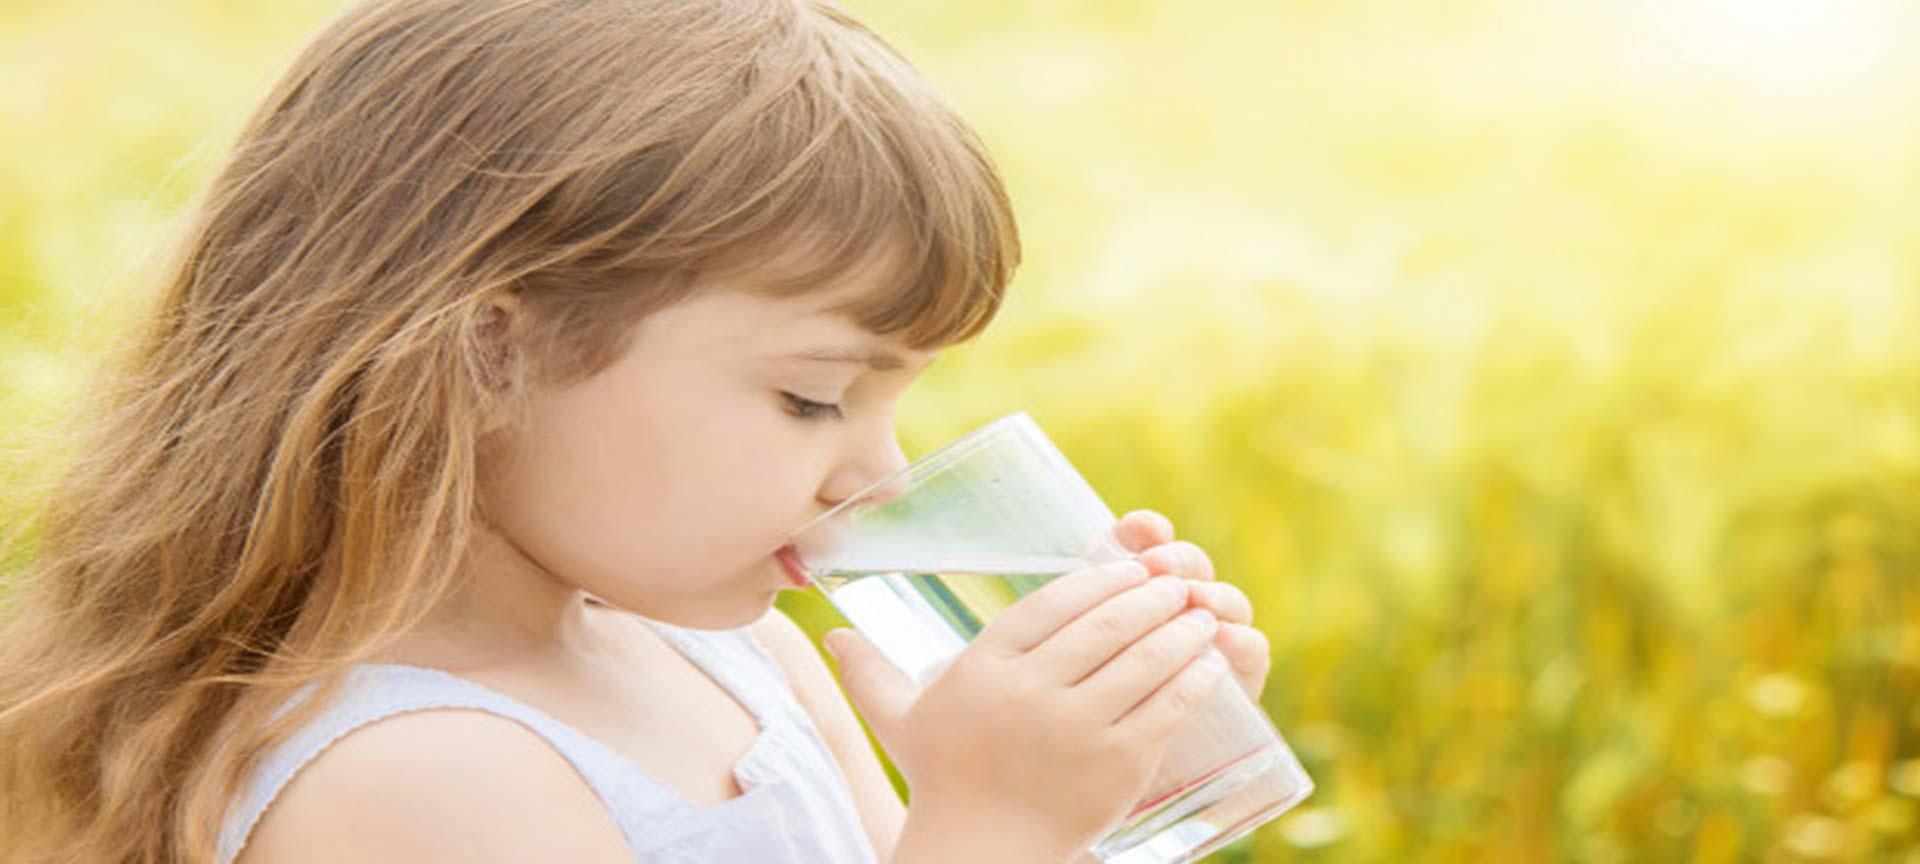 آزمون های آب آشامیدنی و معدنی